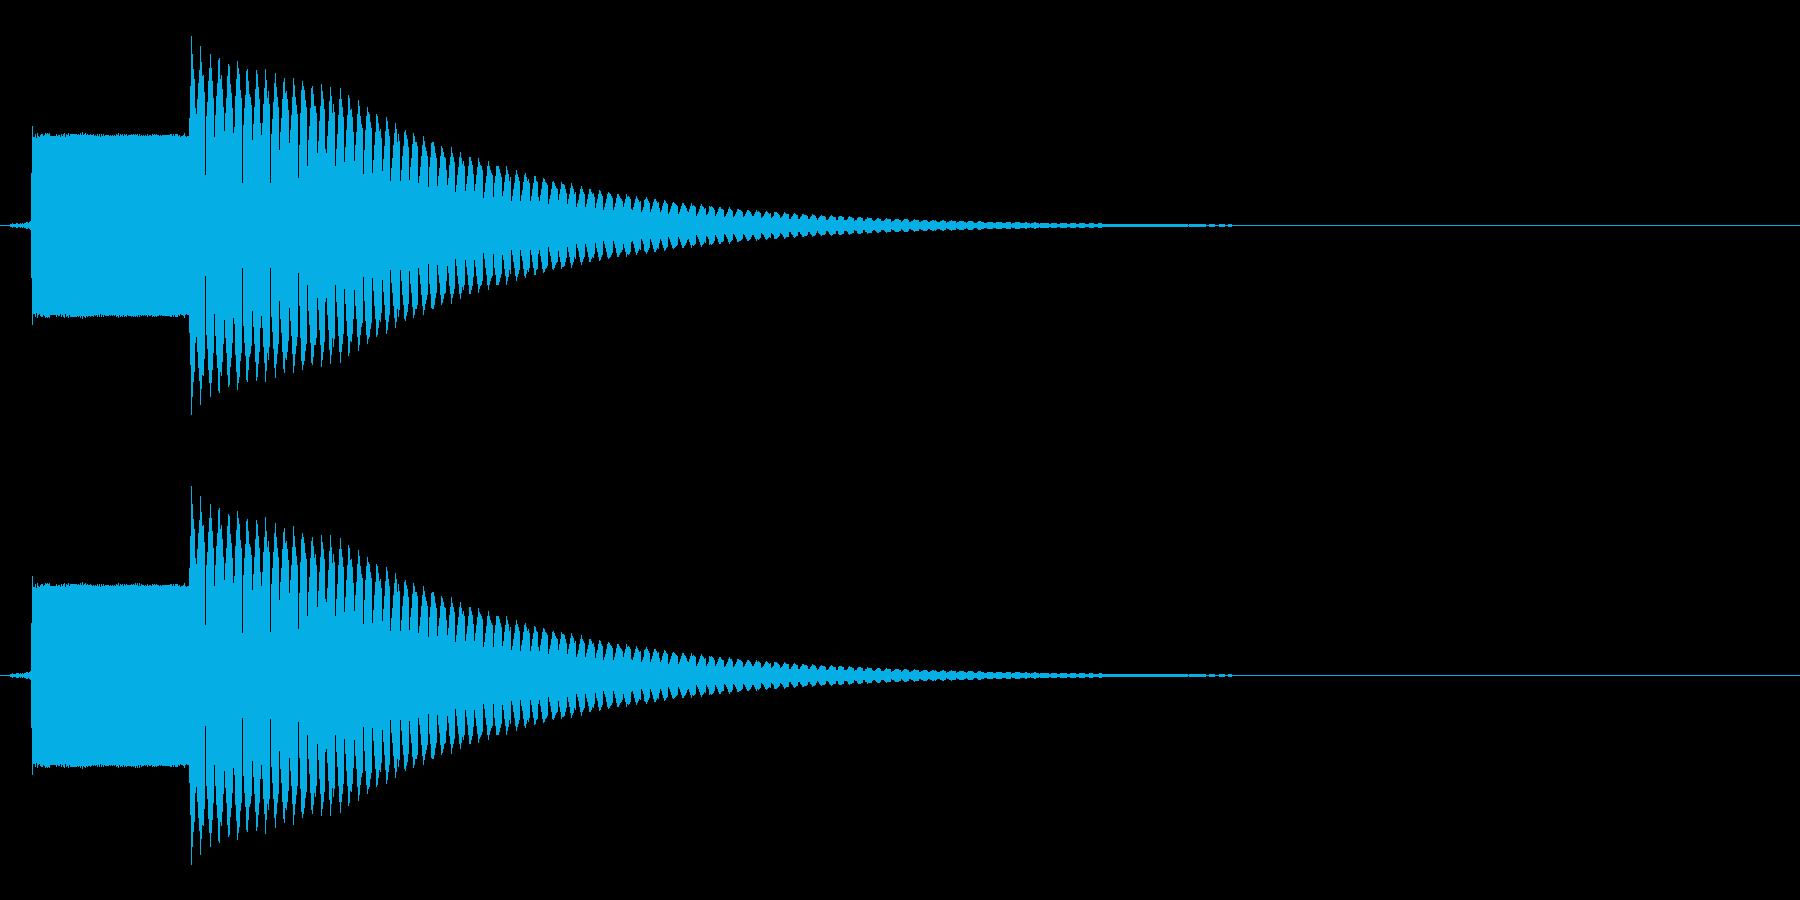 ピンポン(解答ボタンや正解の音に)の再生済みの波形